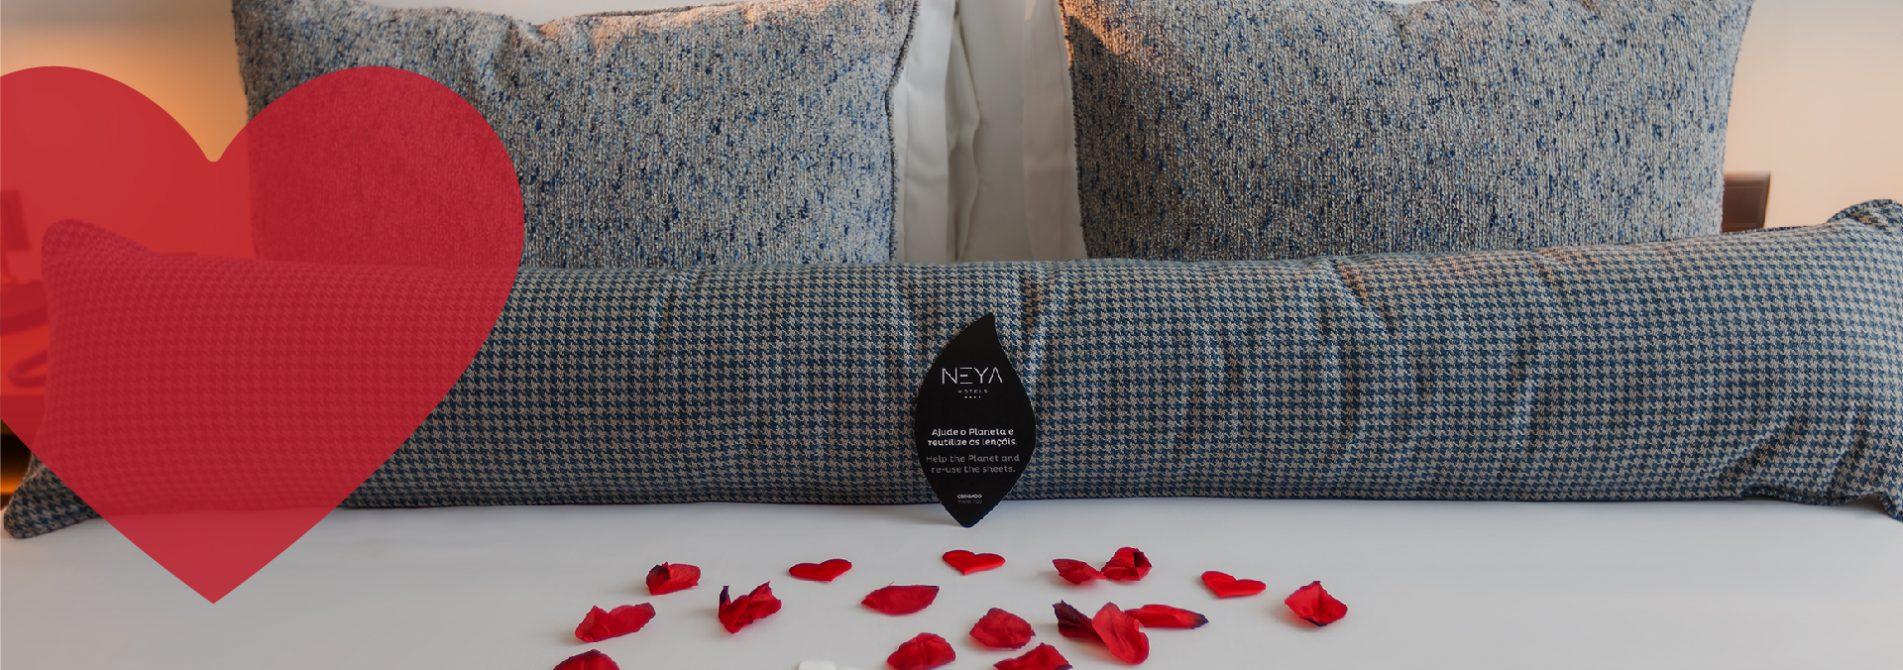 neya-hotels-saovalentim-website_banner-porto